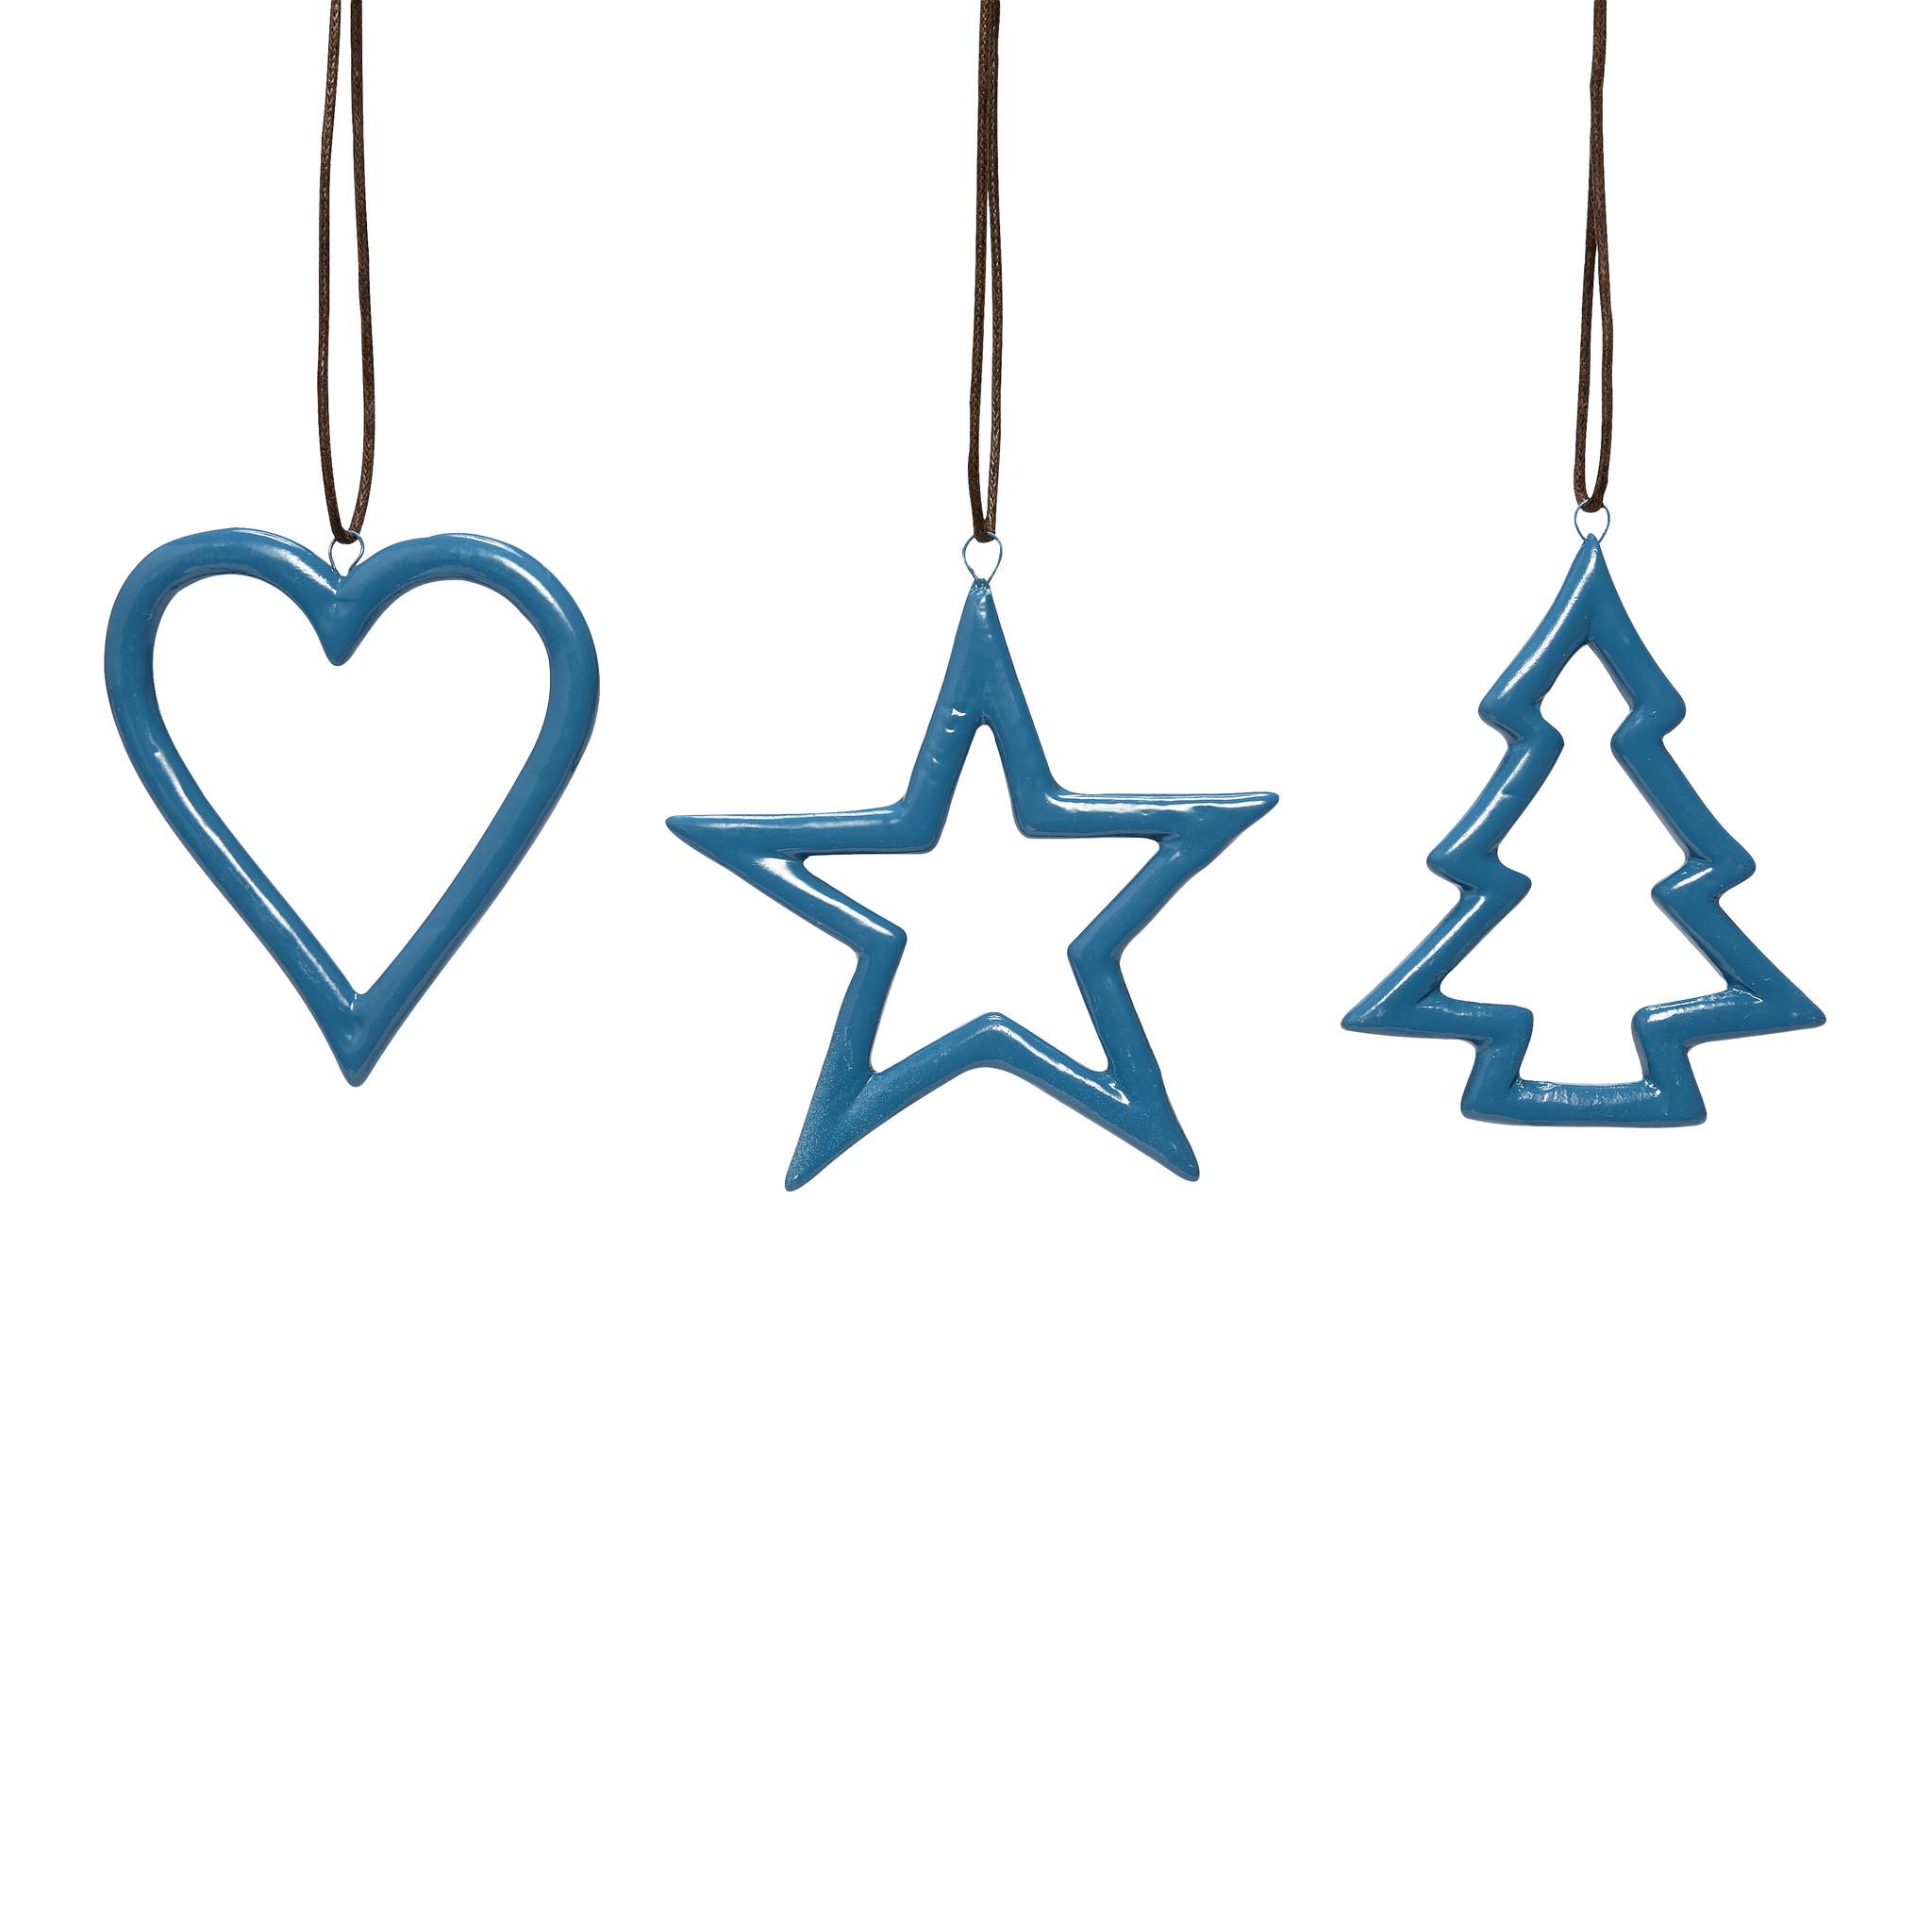 Hubsch Hart / ster / kerstboom, blauw, keramiek, set van 3-258026-5712772051887